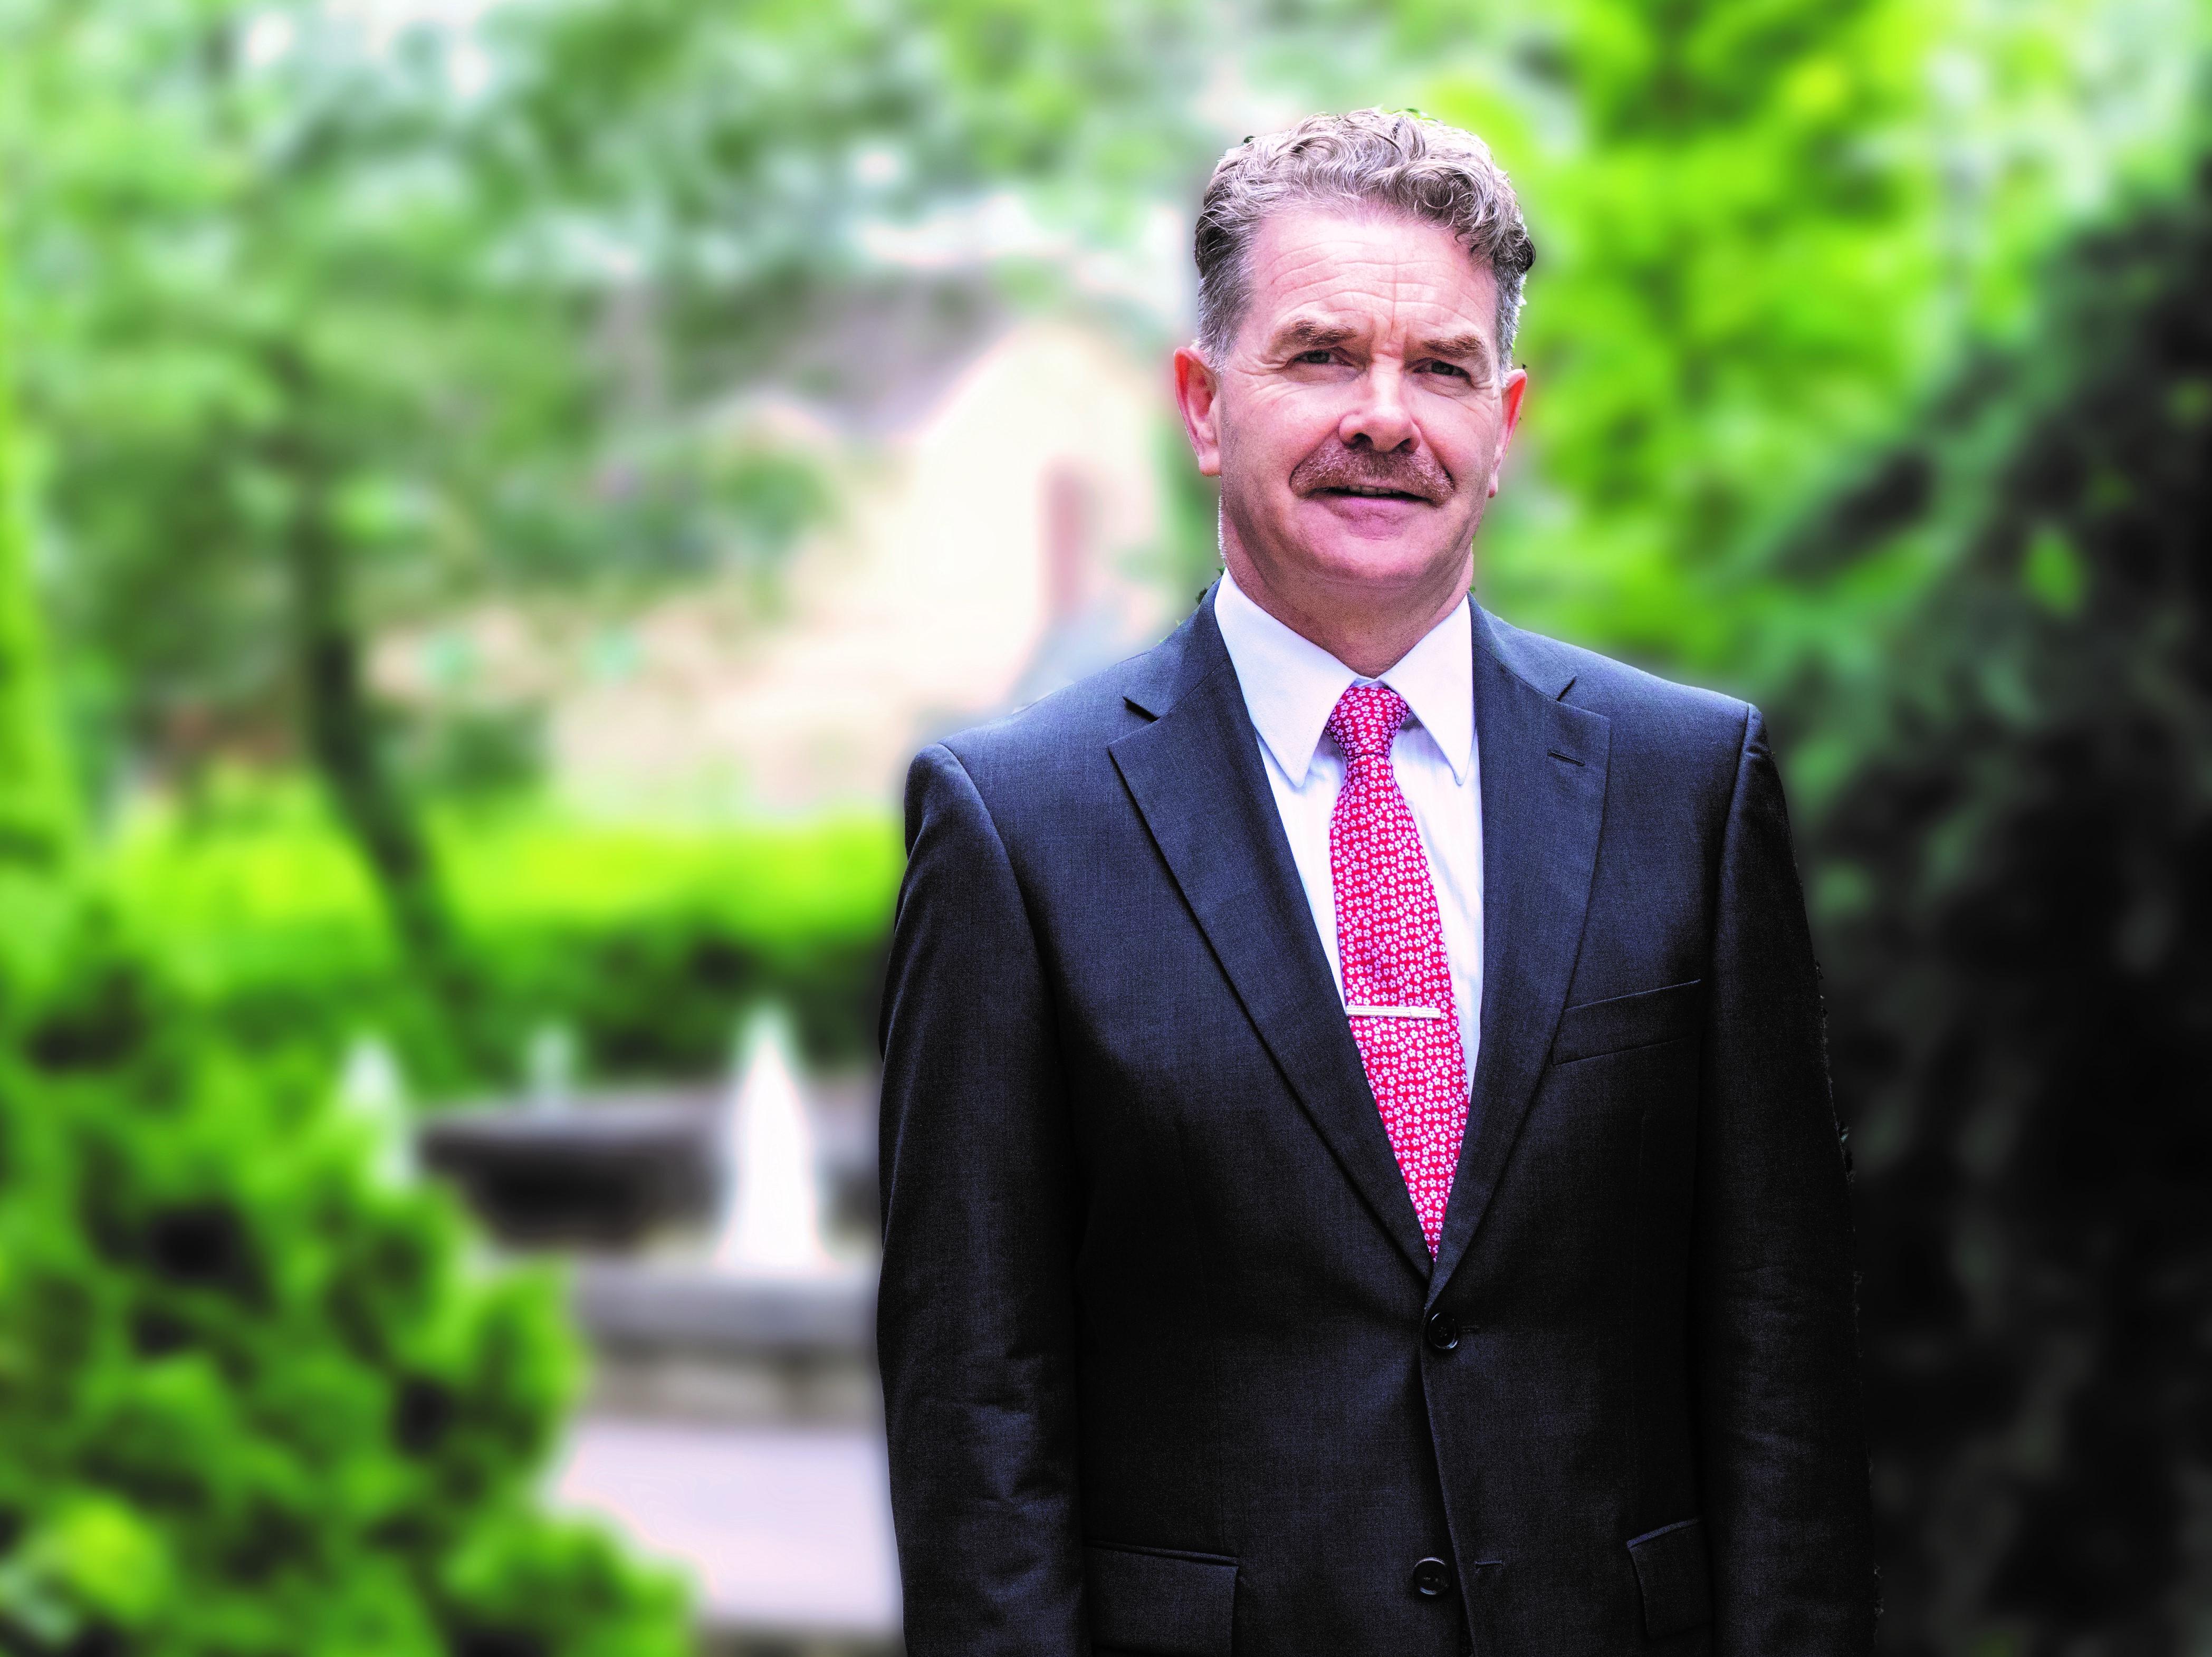 AIT President Professor Ciarán Ó Catháin